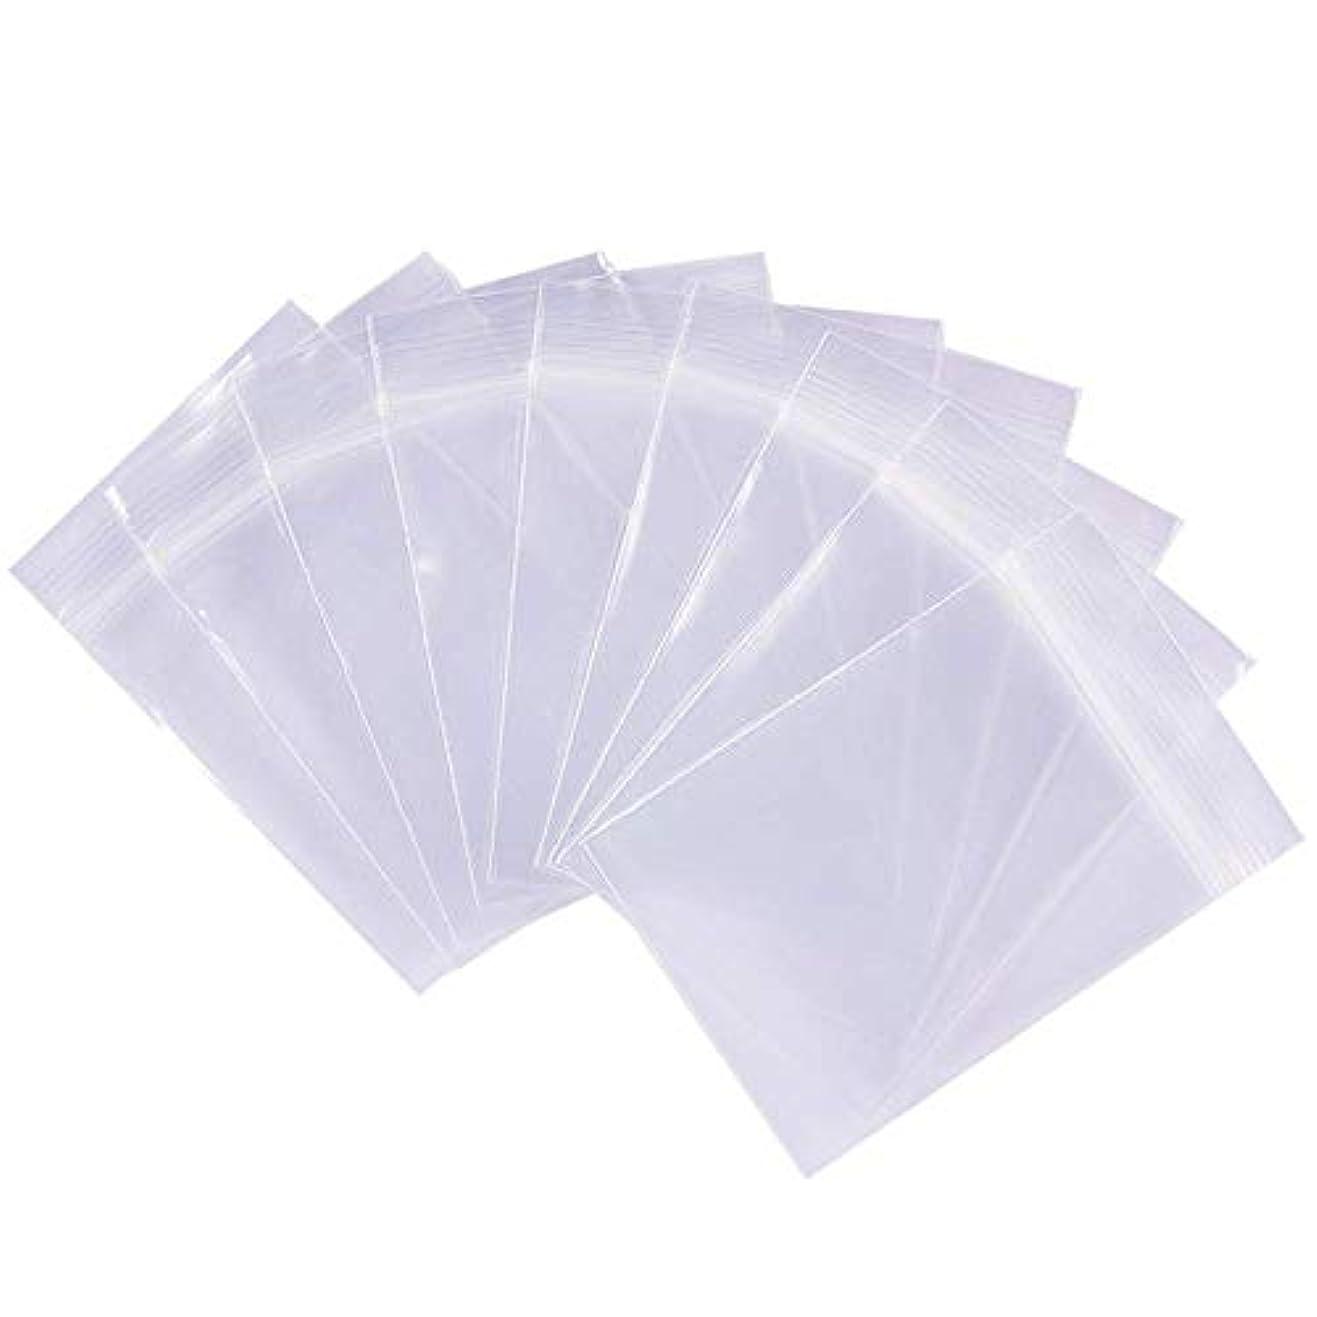 視線暗いせせらぎ200枚チャック袋 透明チャック付ポリ袋 リサイクル可能プラスチック袋密封保存袋